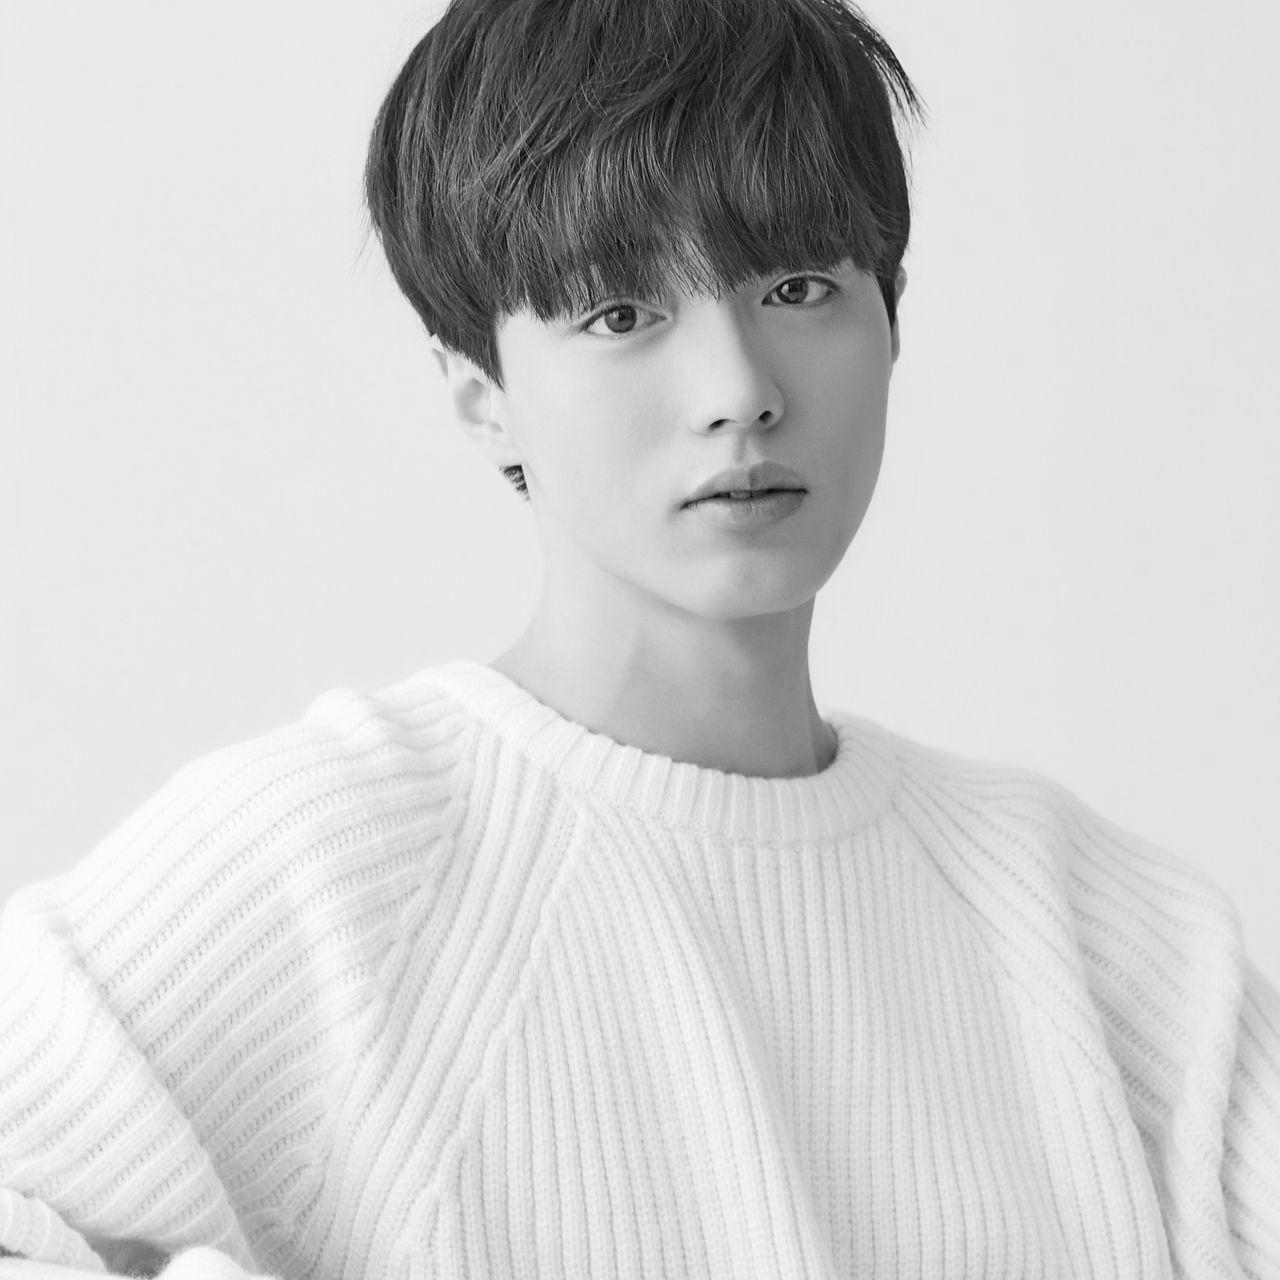 고태경<br>Ko Tae Kyung<br>高台炅